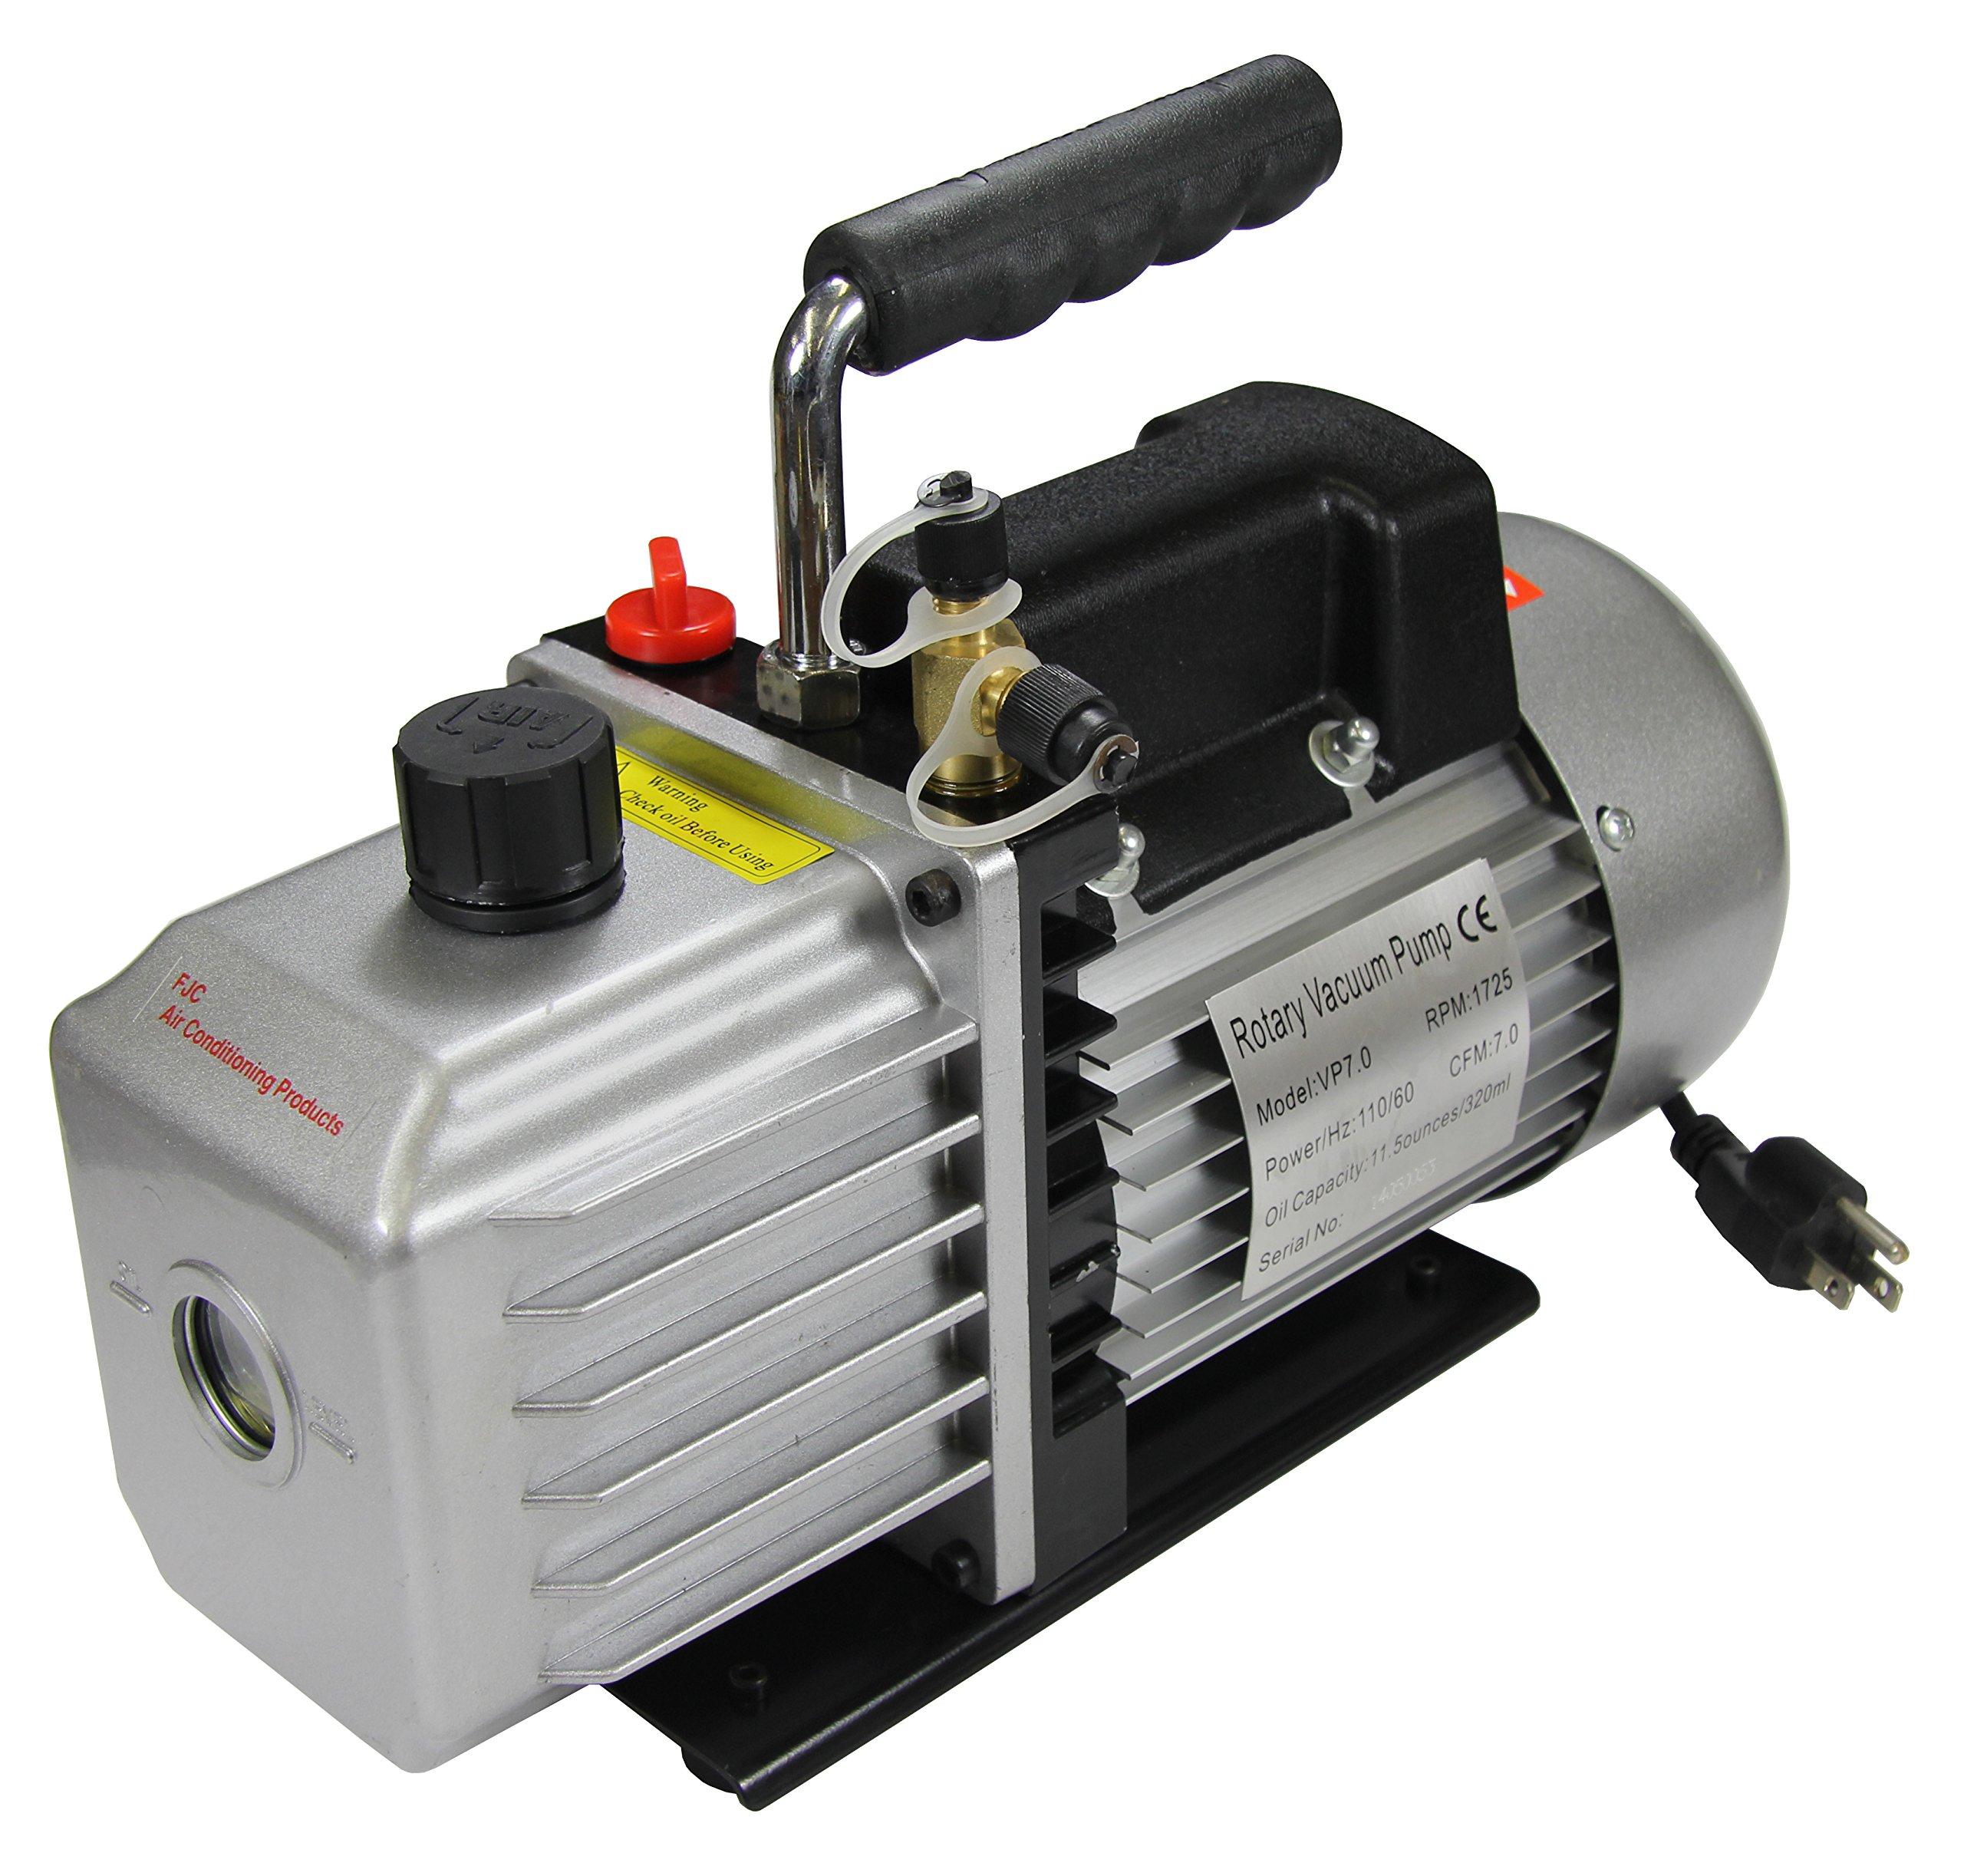 FJC 6916 7 CFM Vacuum Pump